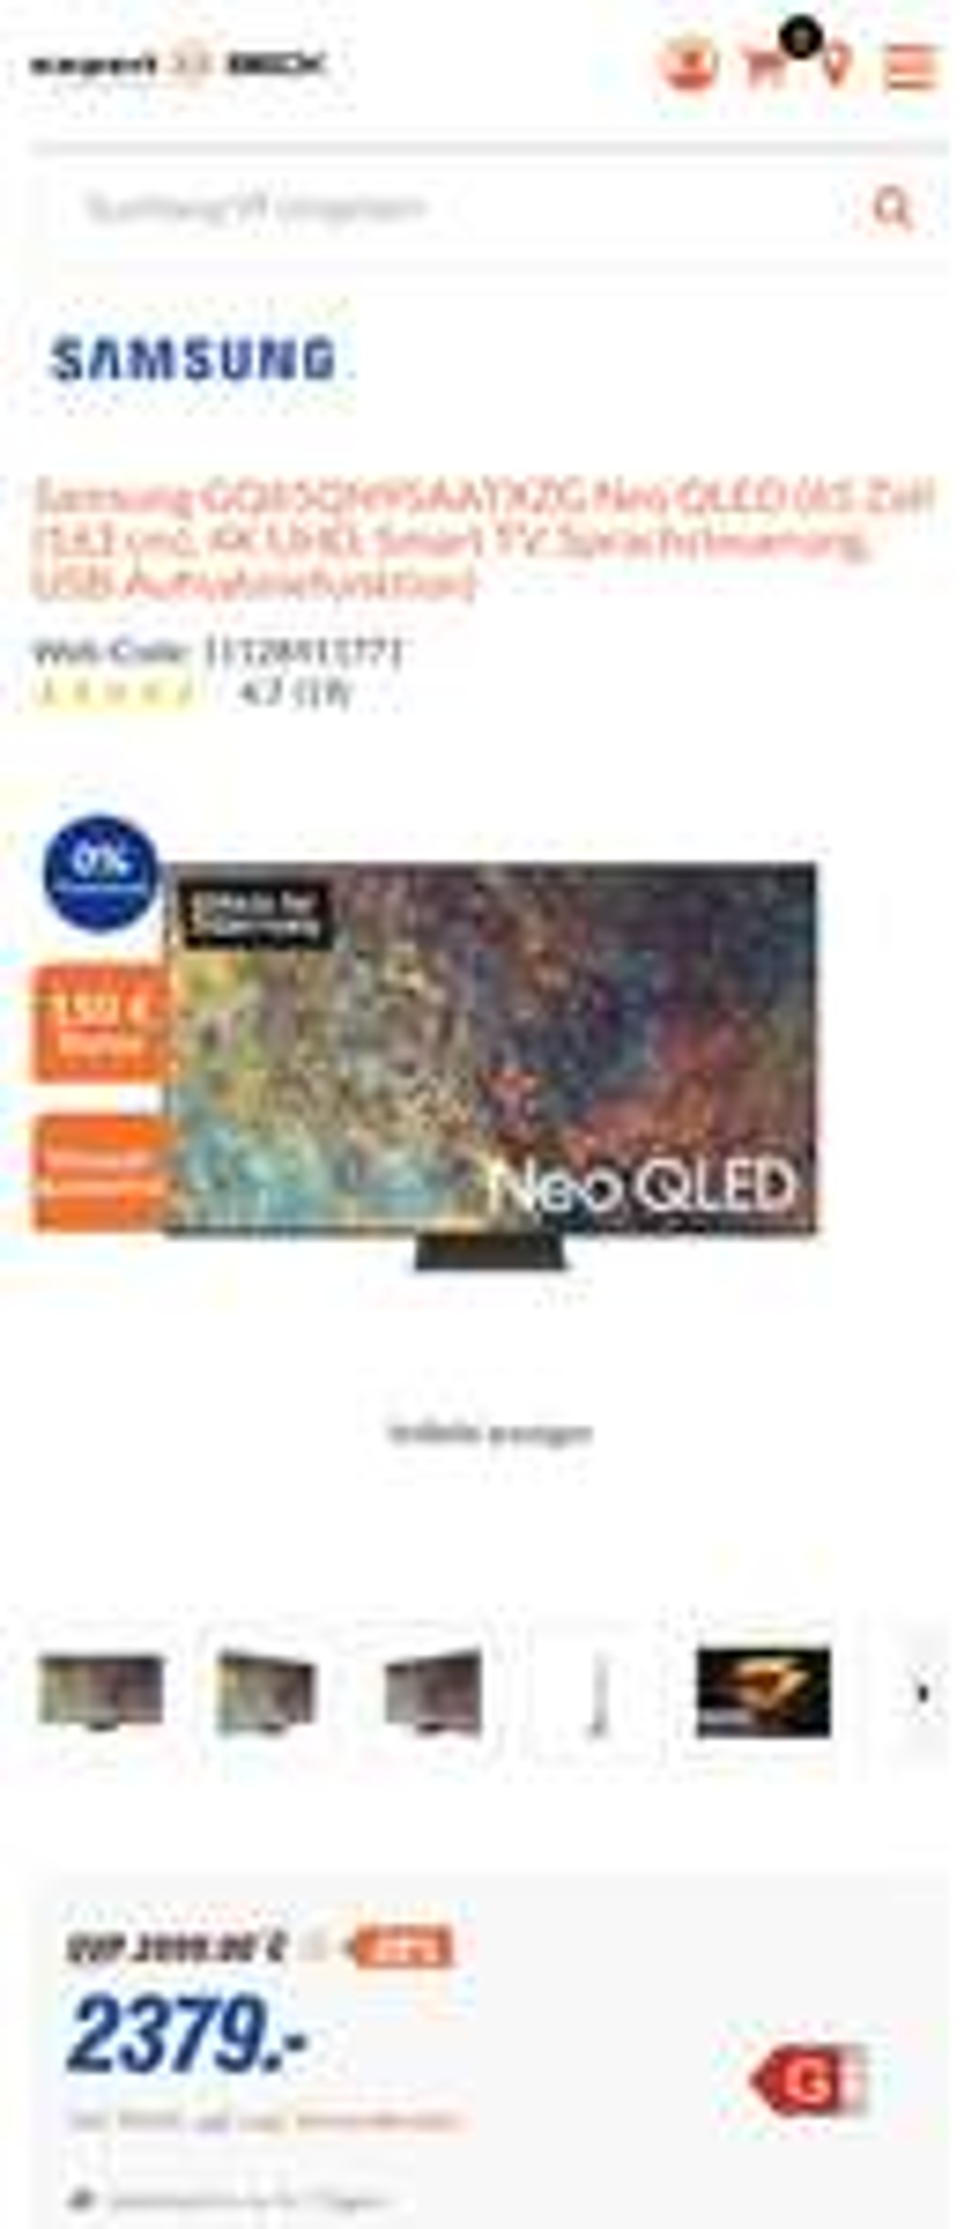 Samsung GQ65QN95AATXZG Neo QLED (65 Zoll (163 cm)